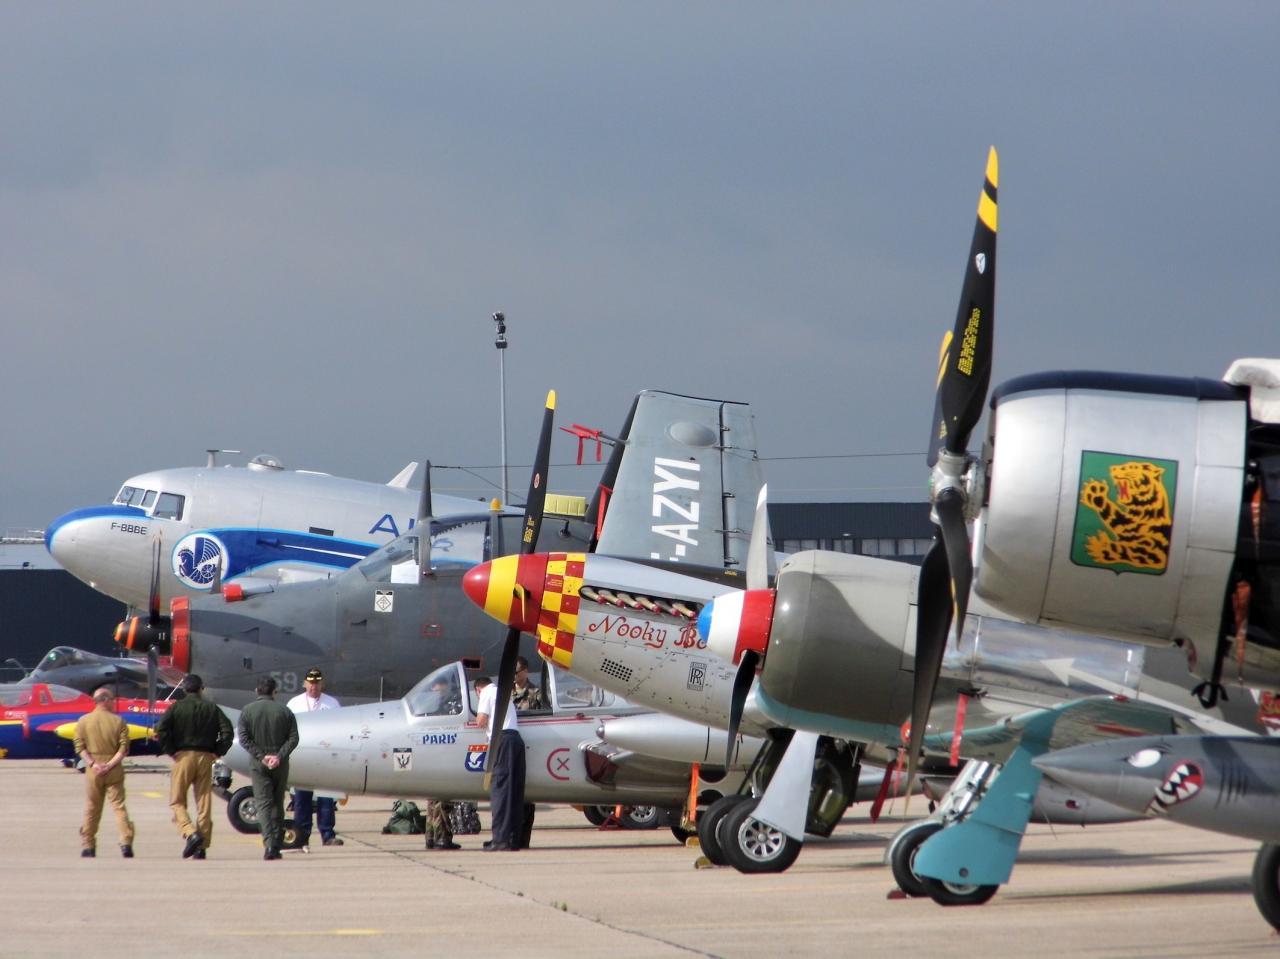 Juillet 2014, centenaire aéroport du Bourget ...